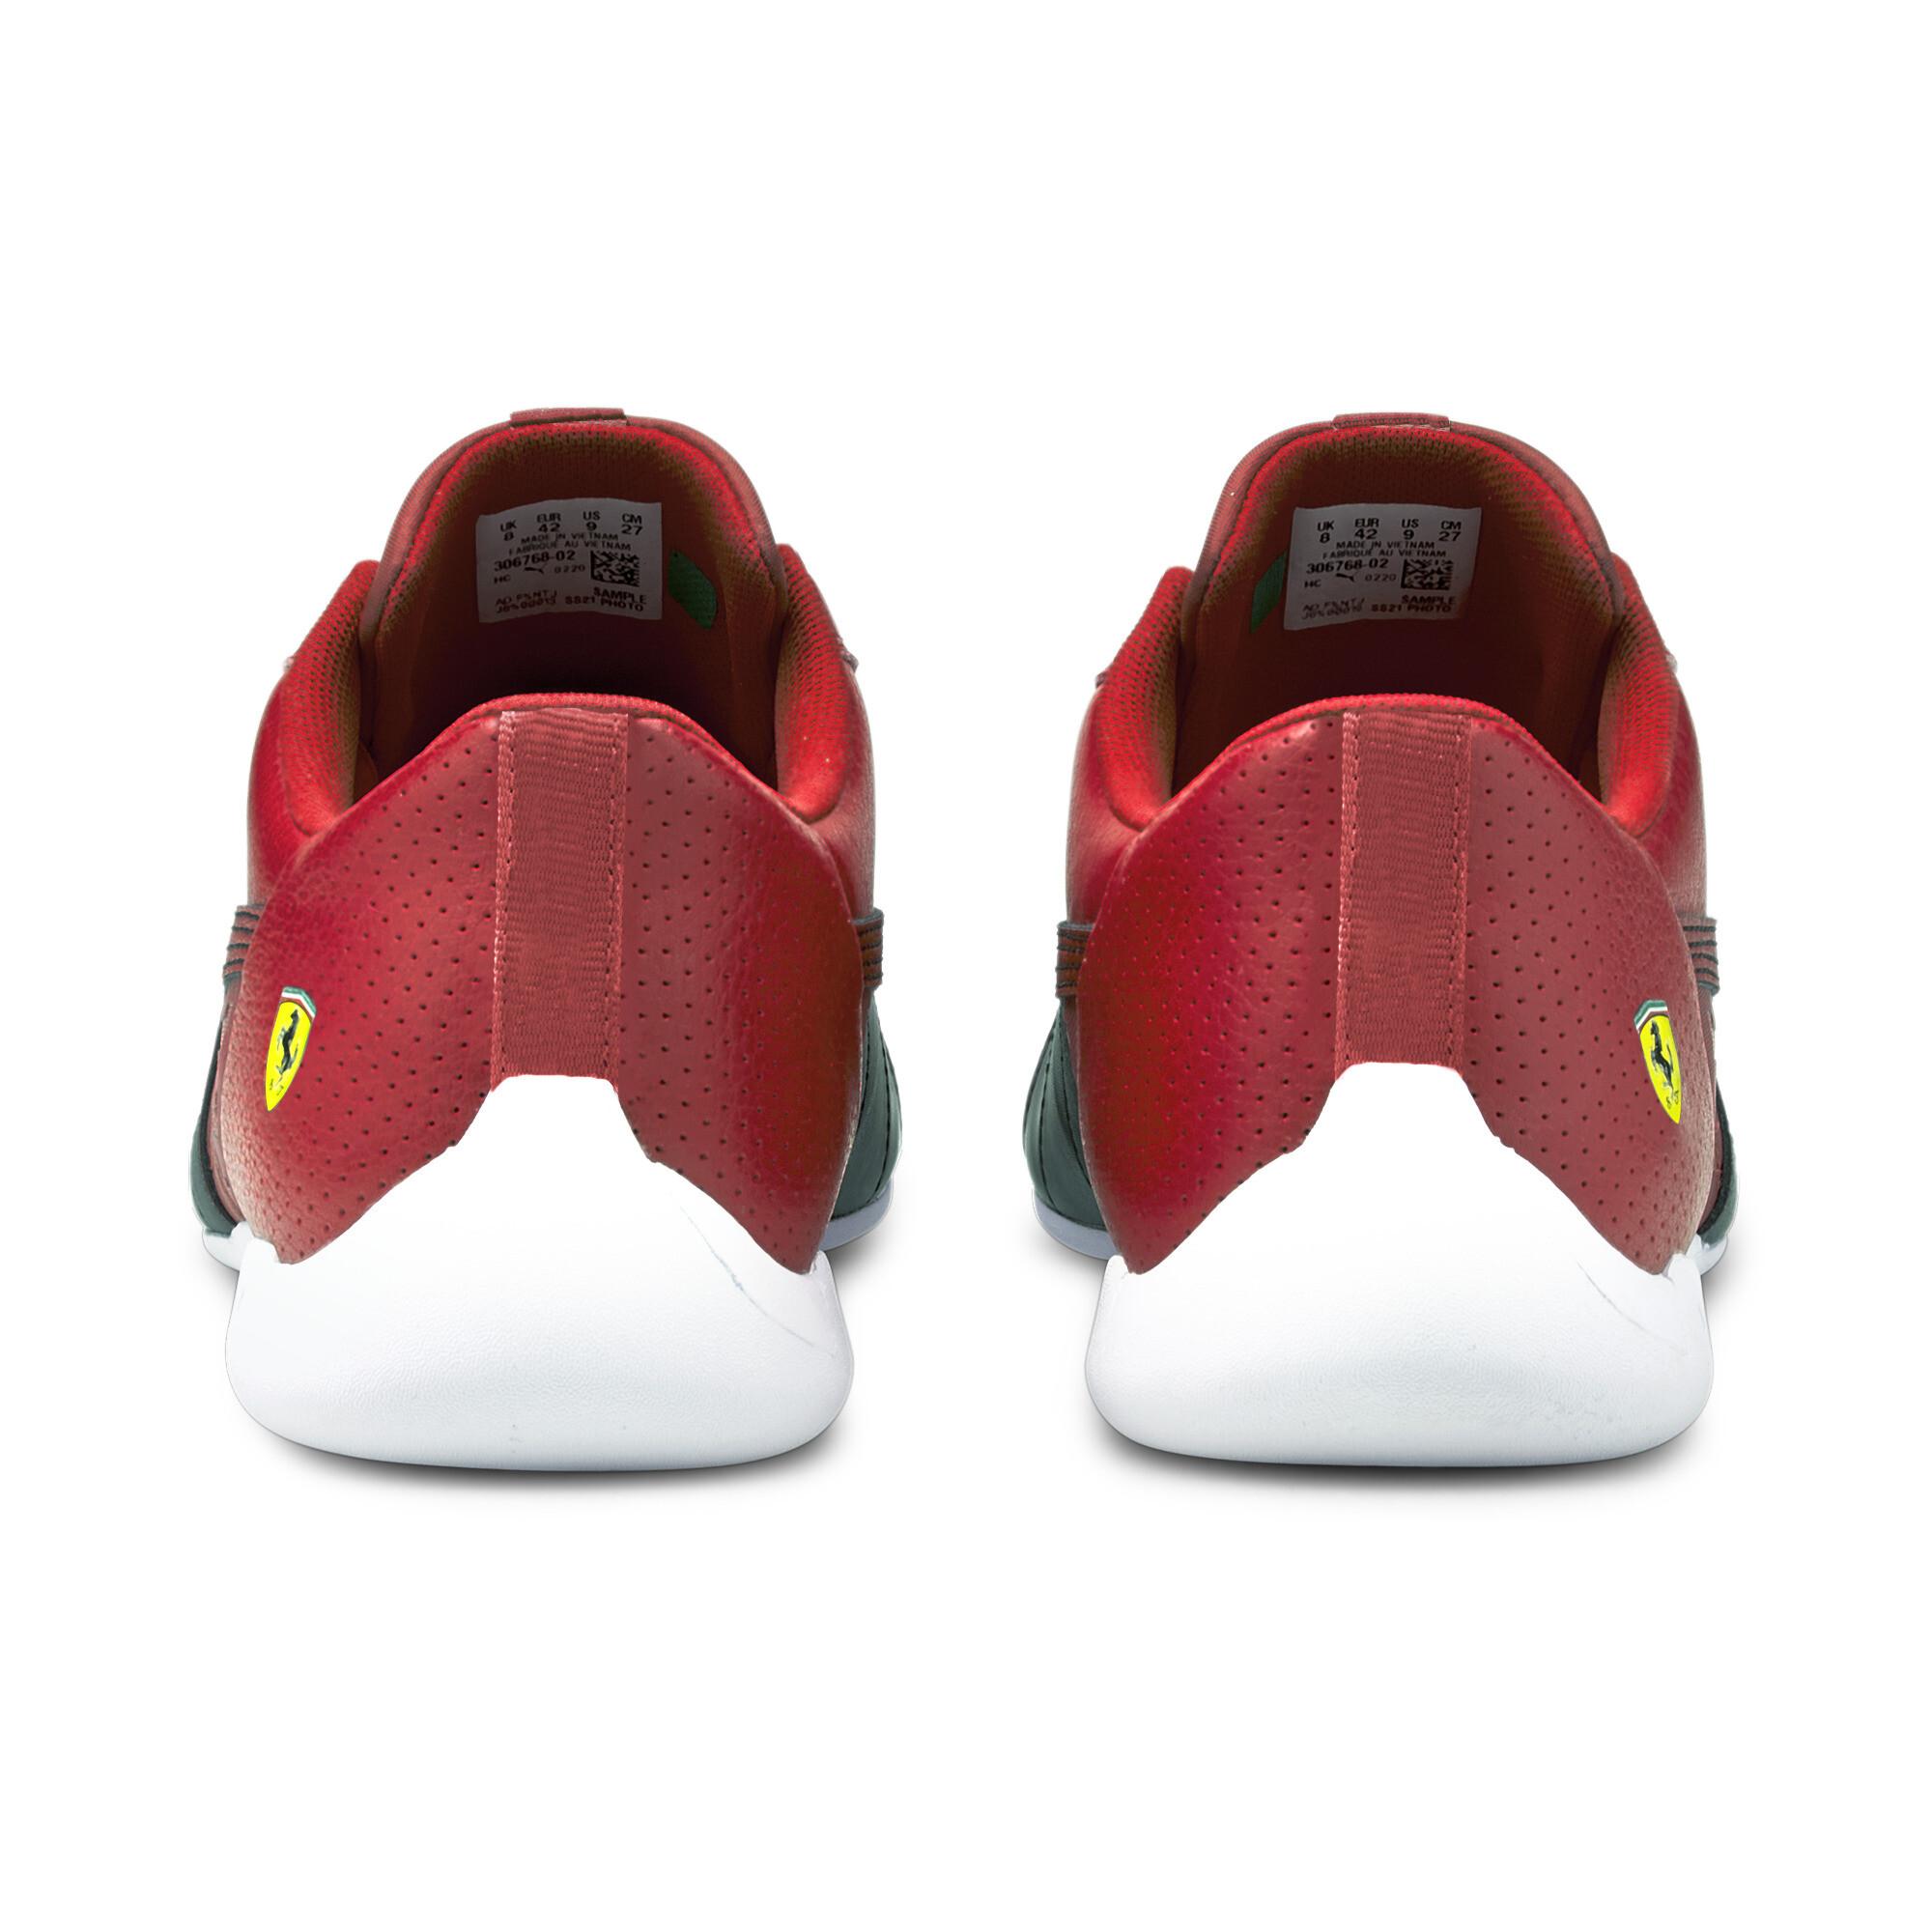 thumbnail 15 - PUMA Men's Scuderia Ferrari R-Cat Motorsport Shoes